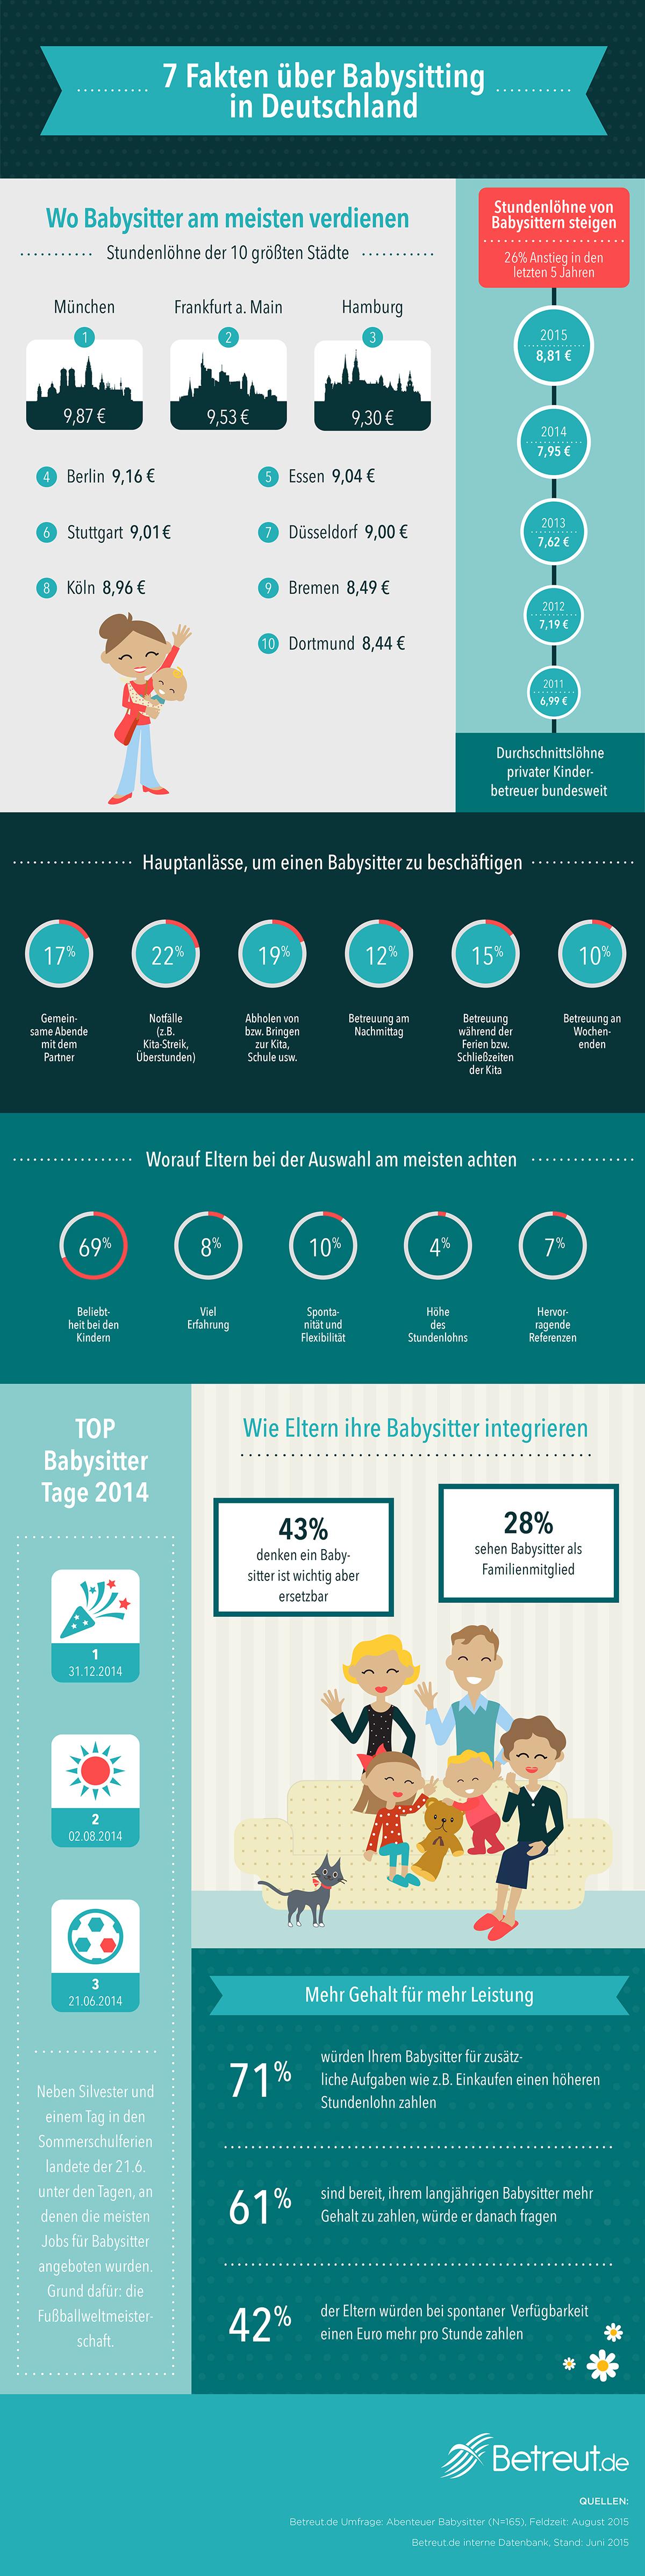 Stundenlöhne, Auswahlkriterien und die häufigsten Anlässe, einen Babysitter zu engagieren: Wir haben einige wissenswerte Fakten zum Thema Babysitting in einer Infografik zusammengestellt.